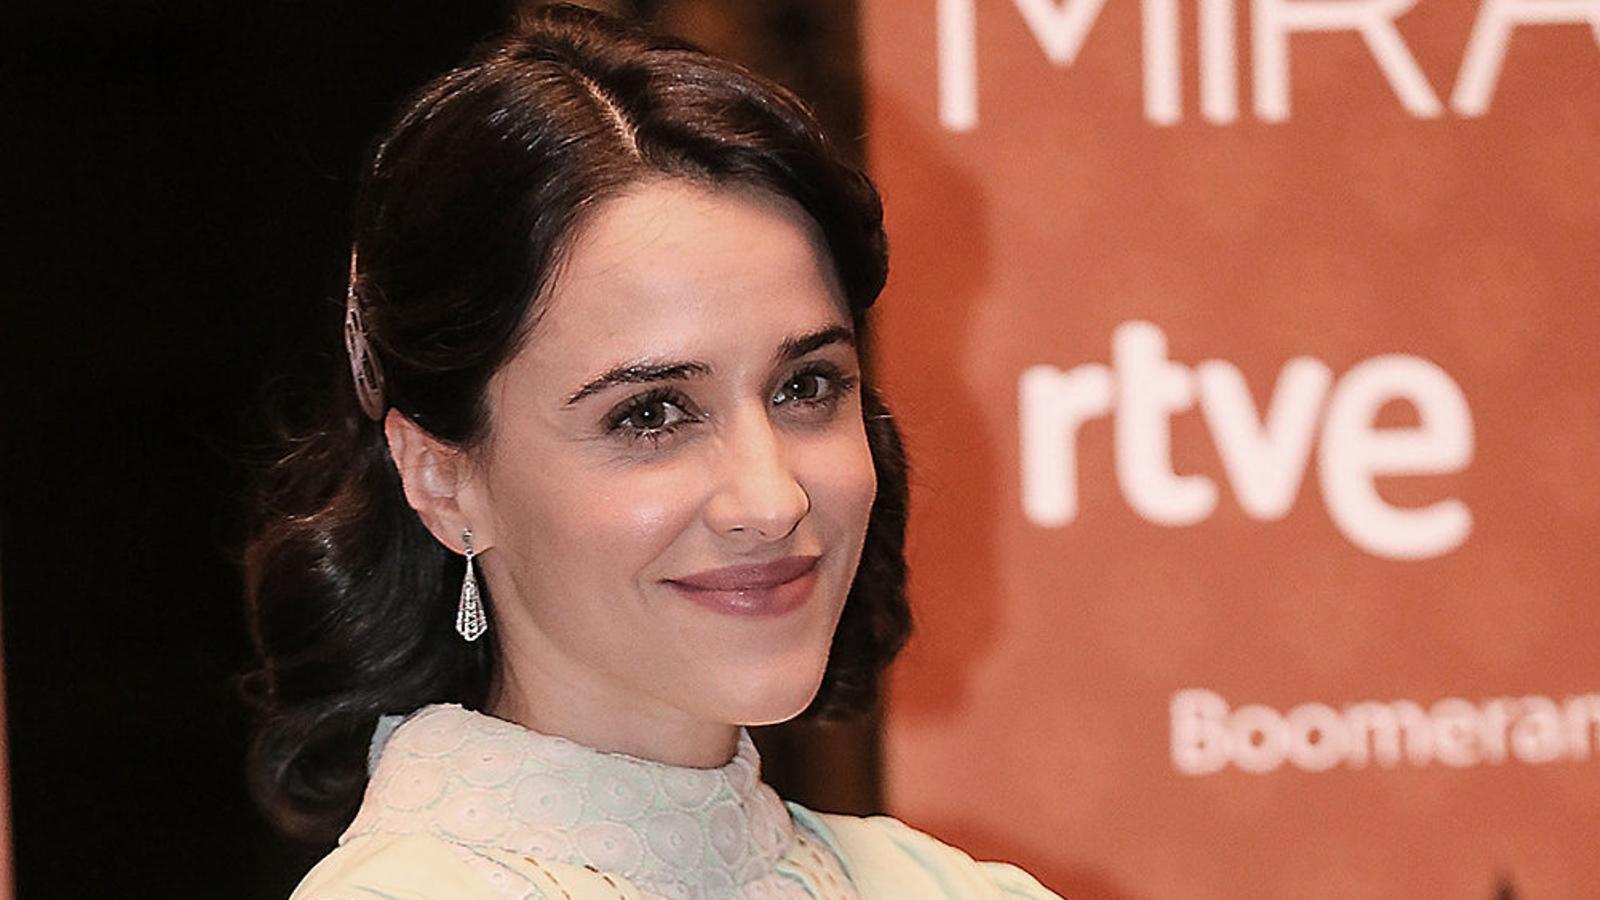 RTVE roda el drama 'La otra mirada', amb Macarena García